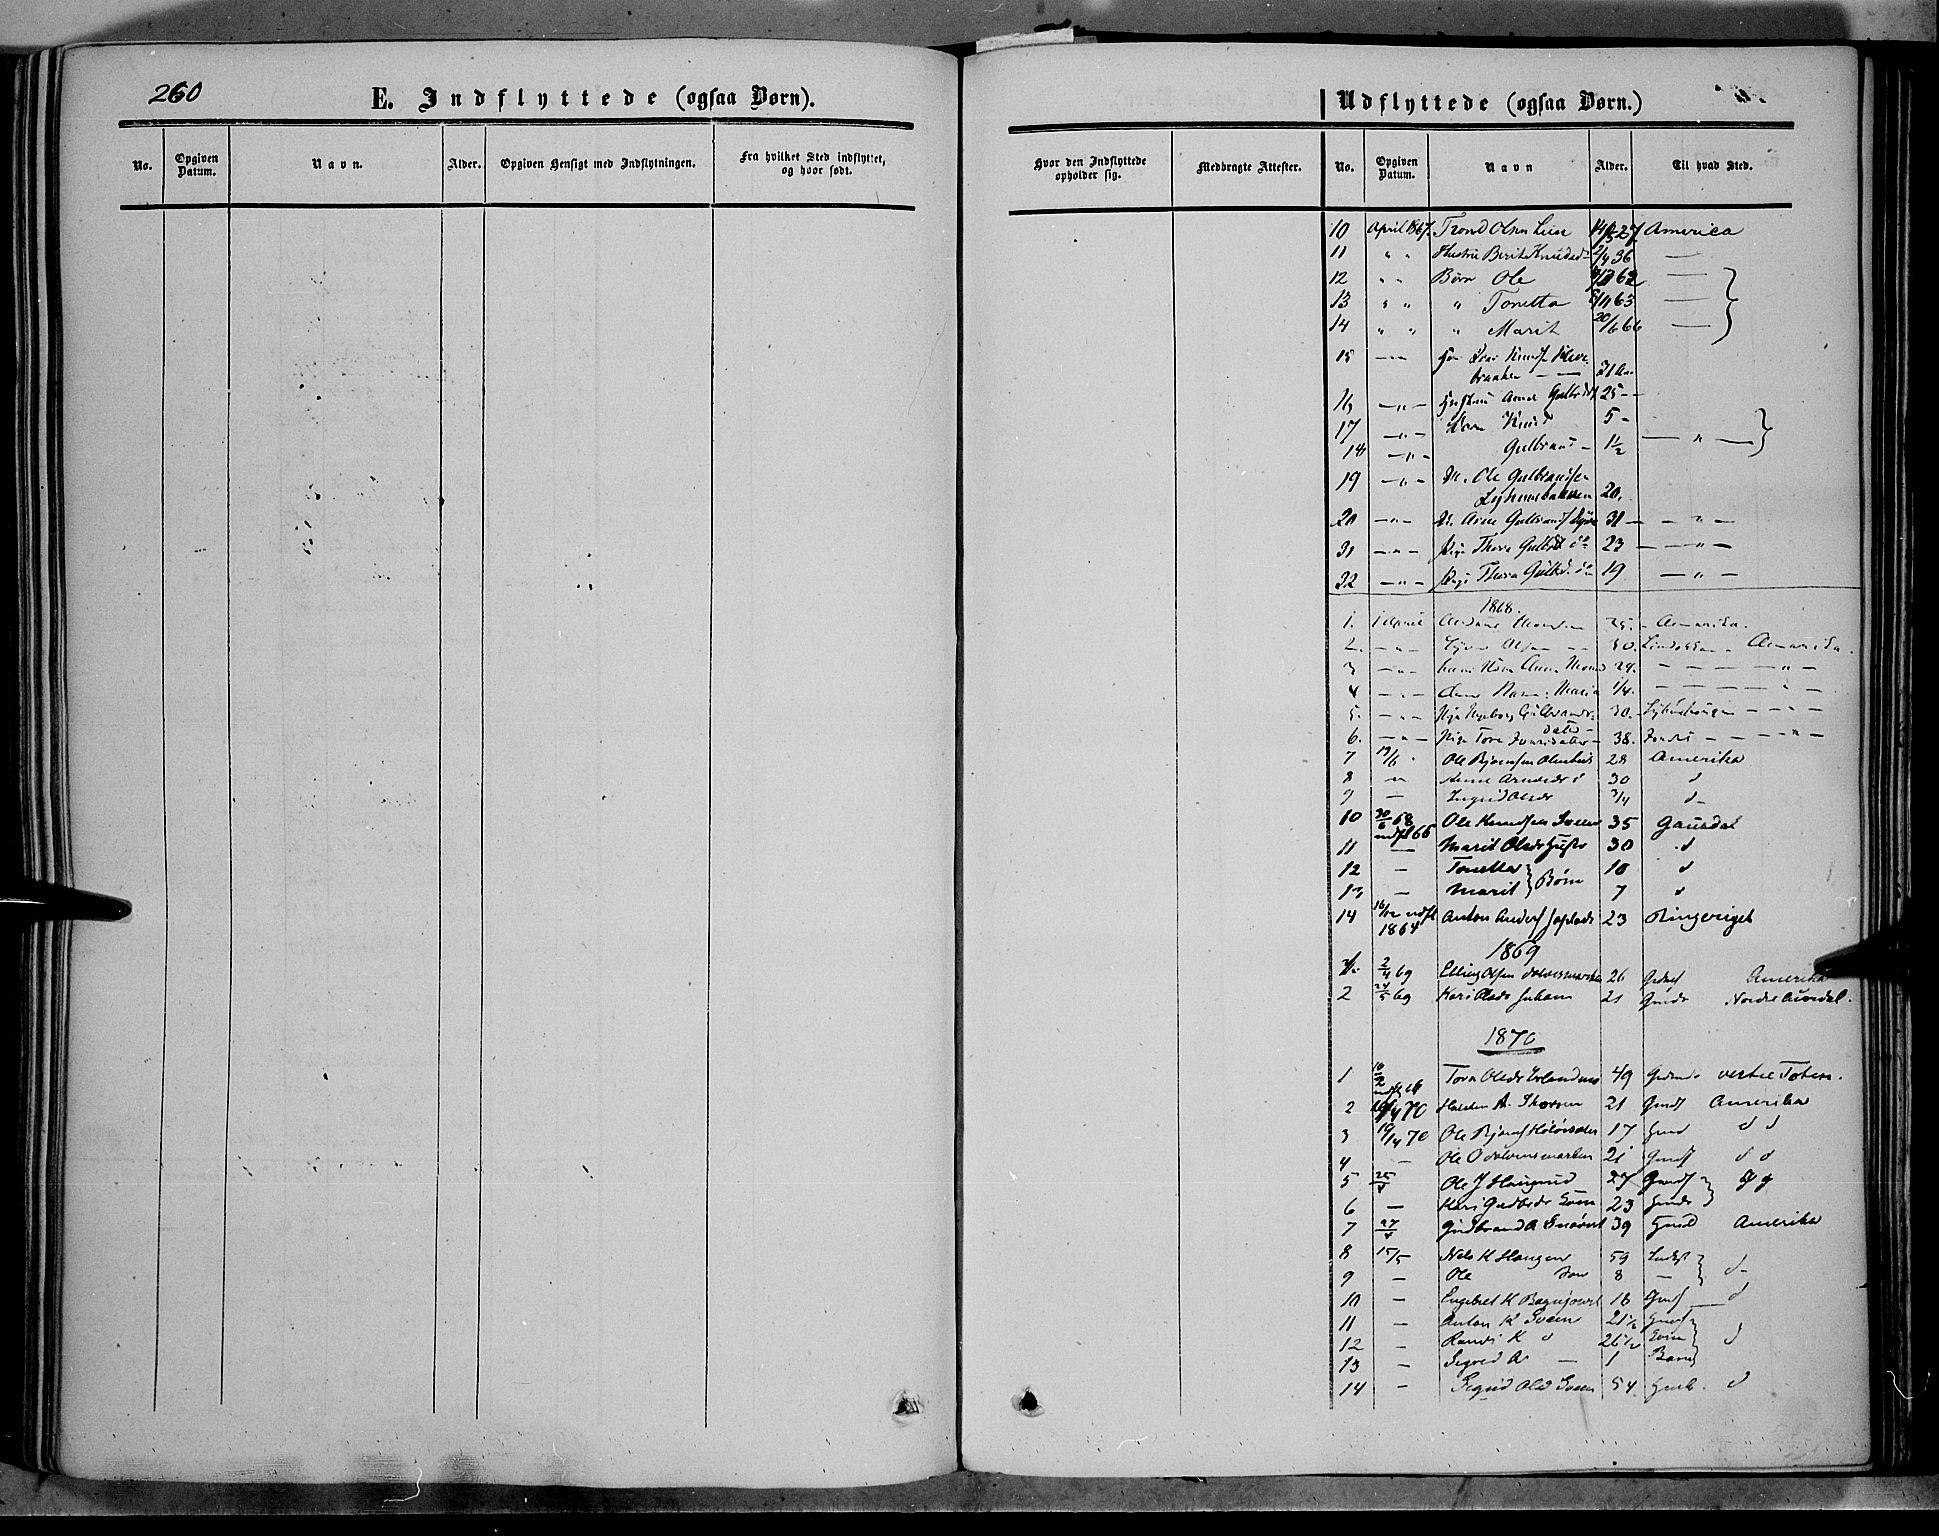 SAH, Sør-Aurdal prestekontor, Ministerialbok nr. 5, 1849-1876, s. 260